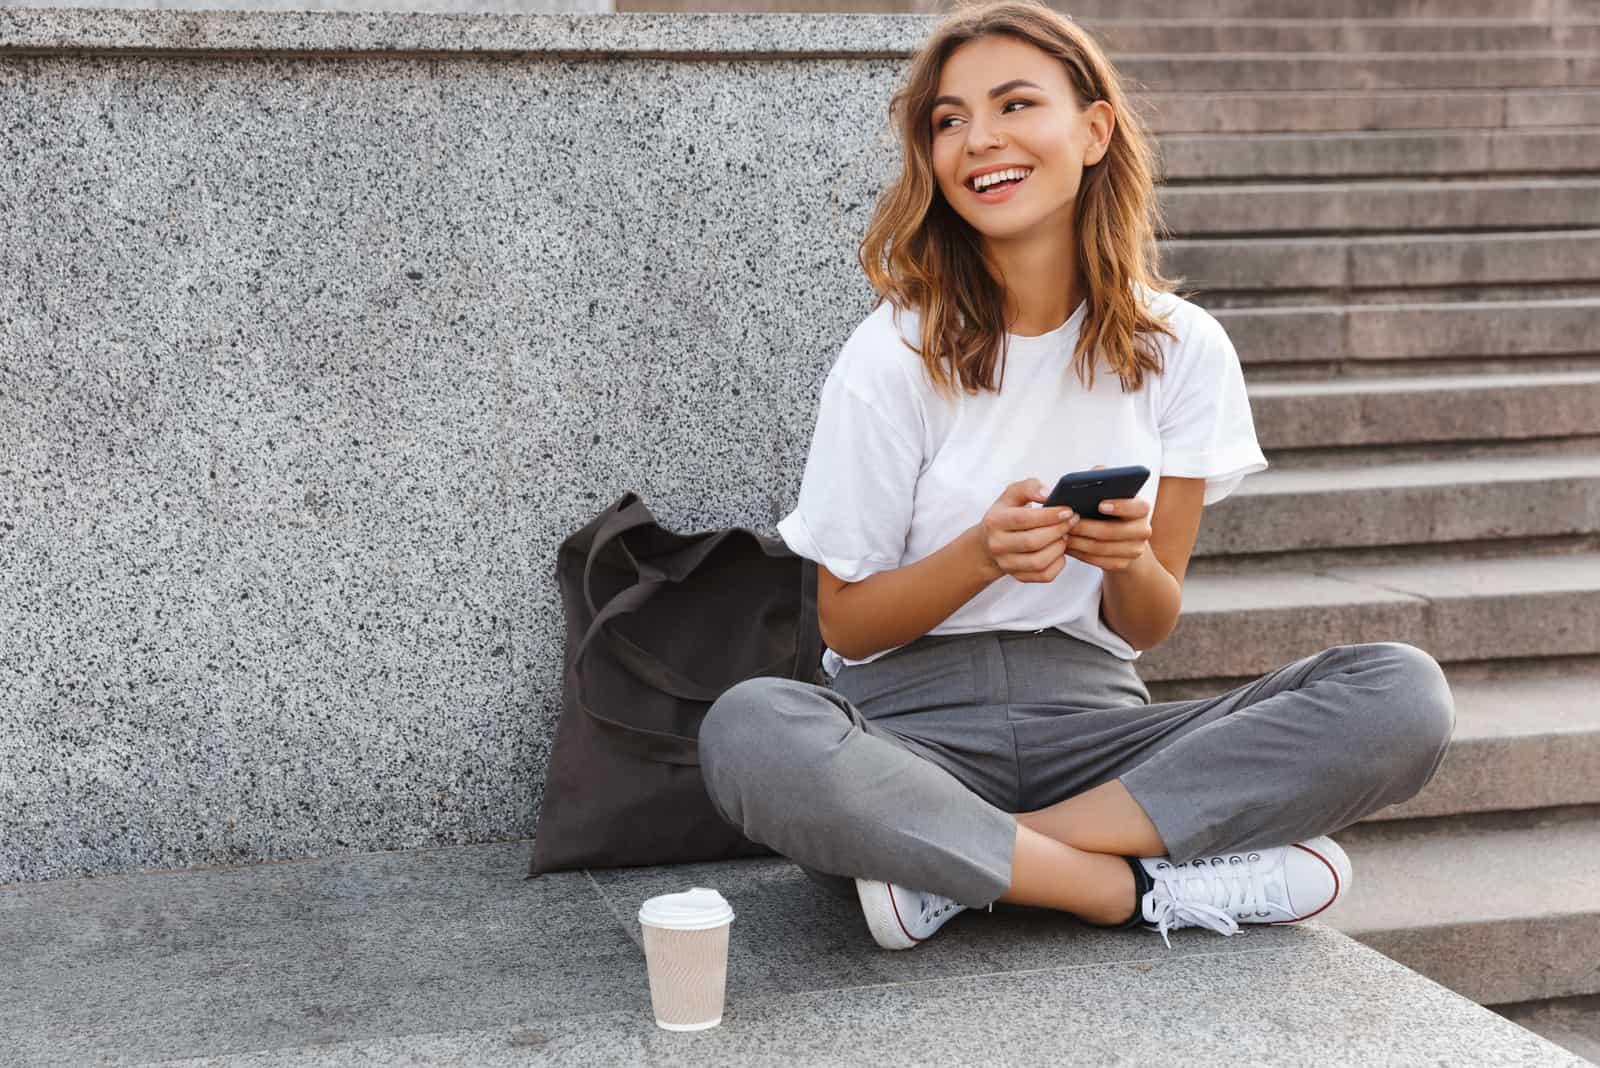 la femme est assise avec le téléphone à la main et rit